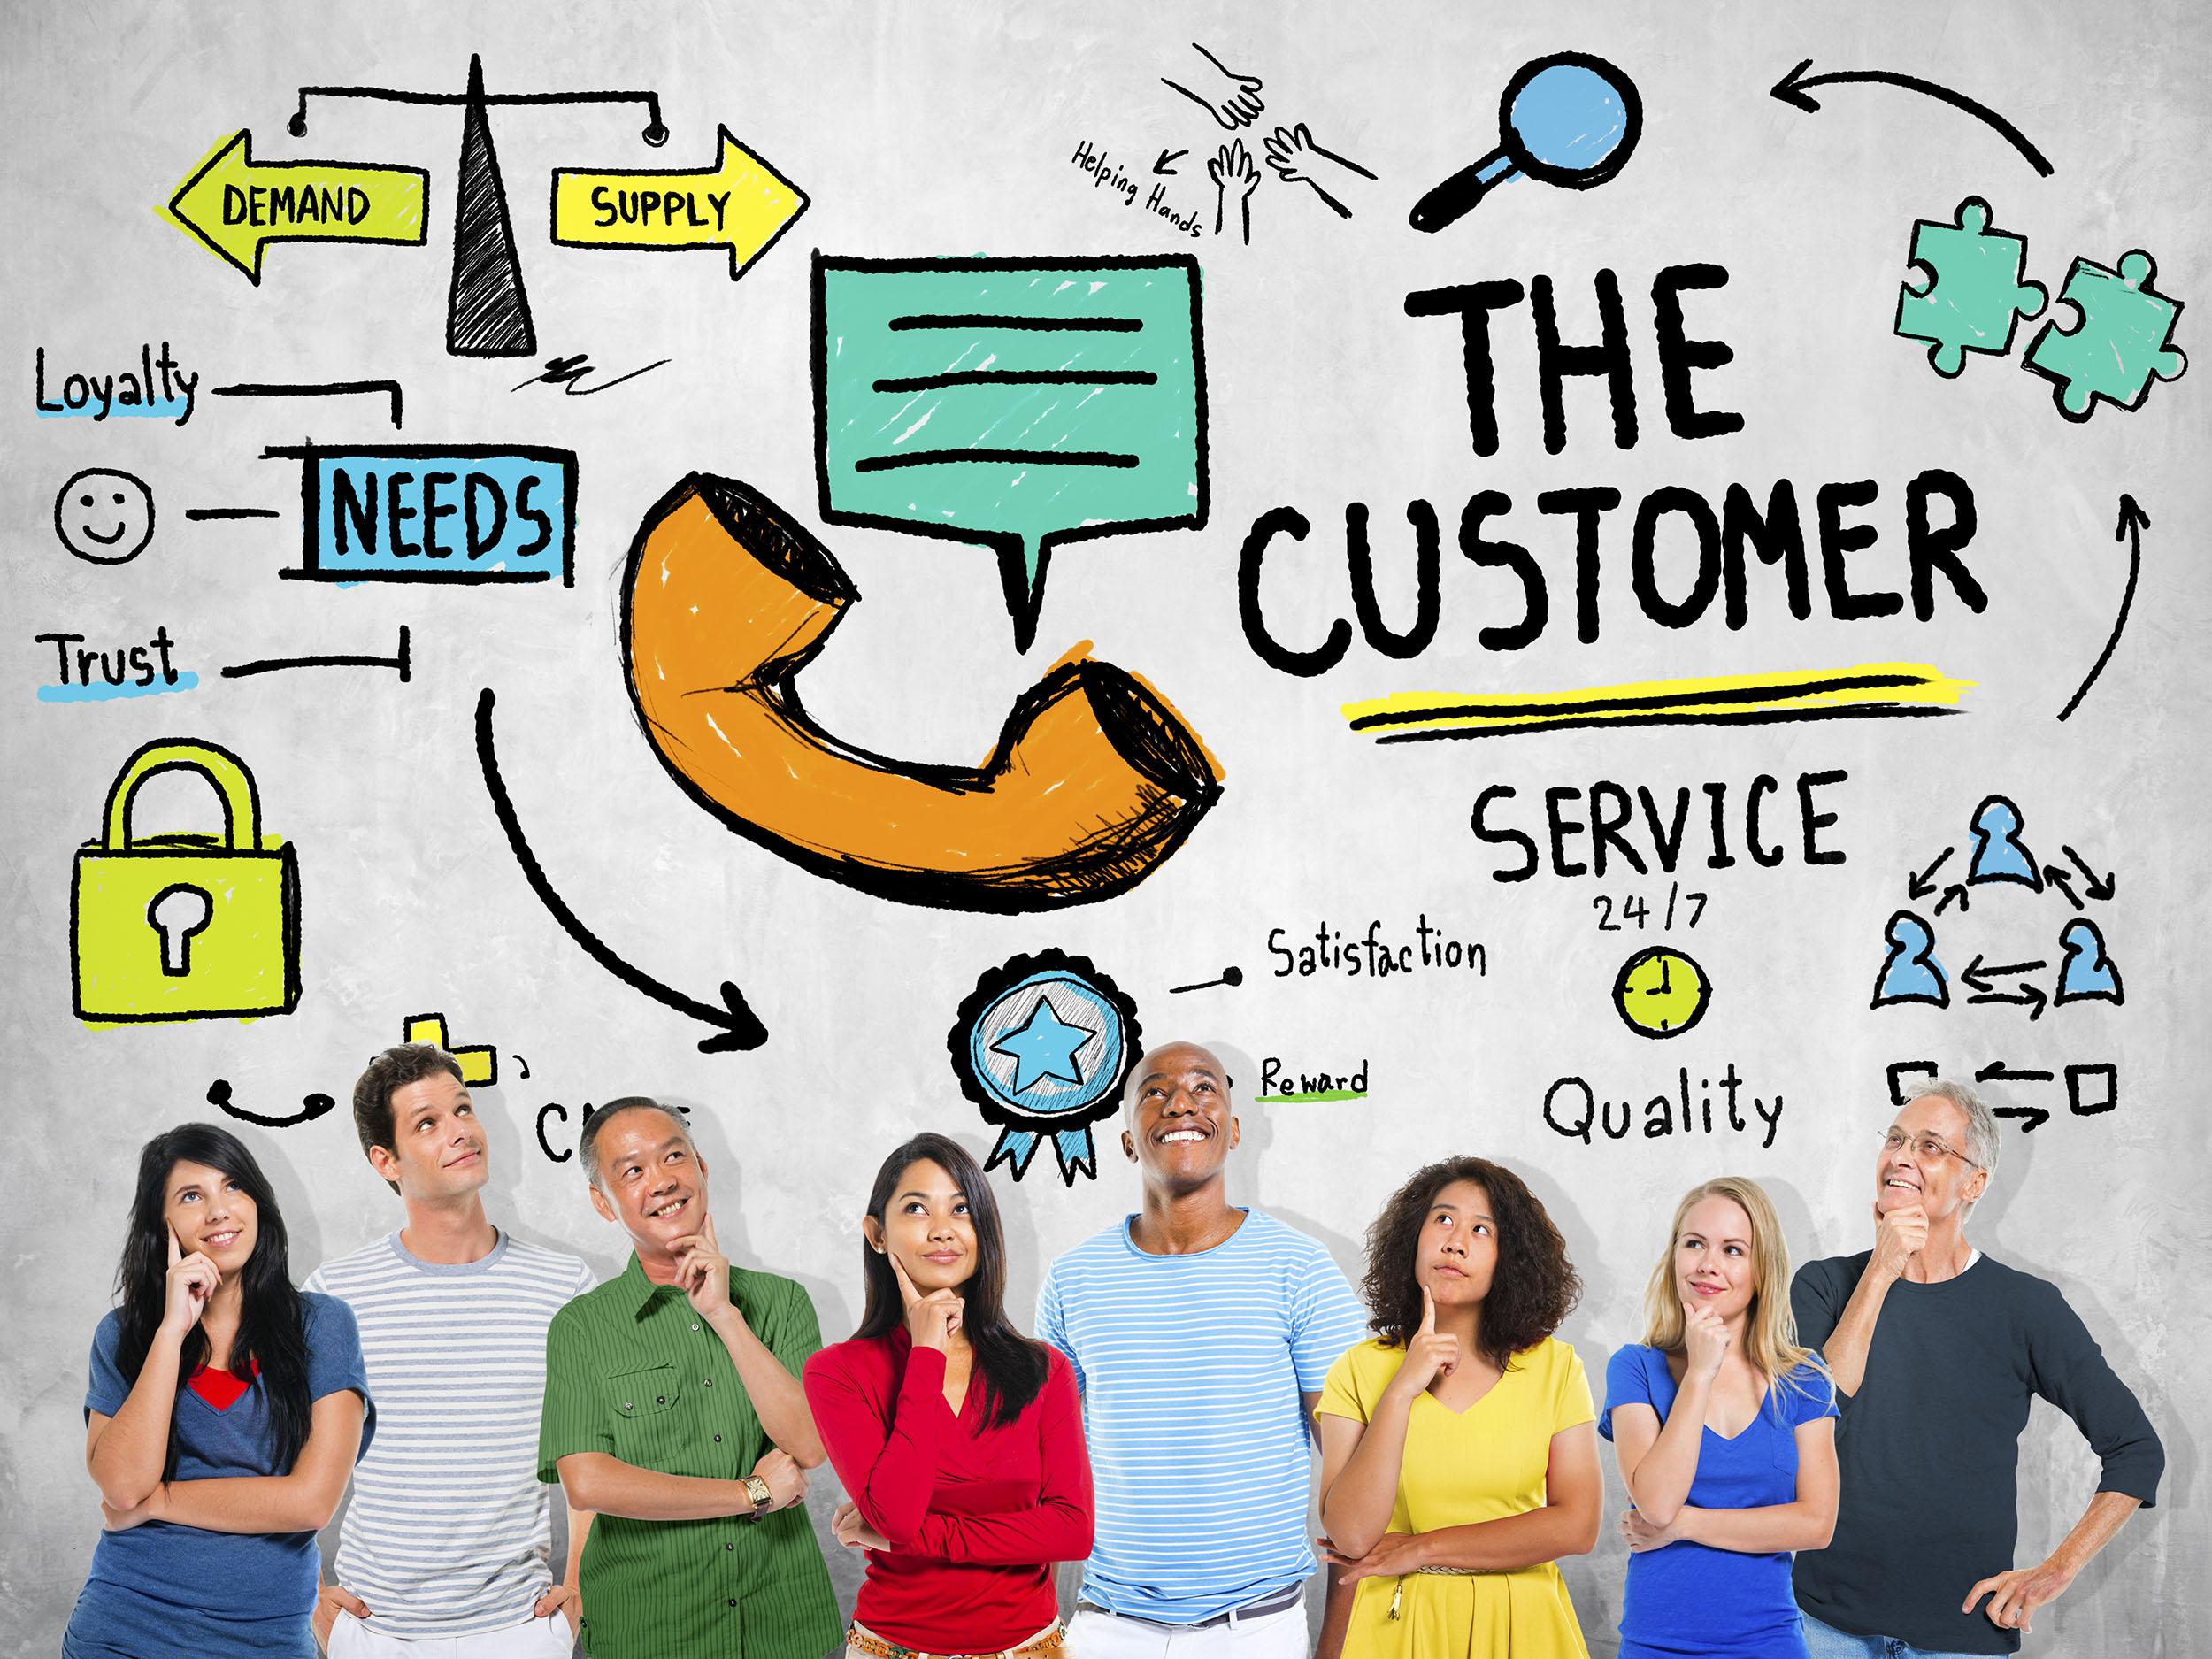 如何通过社交媒体来构建与培养客户关系